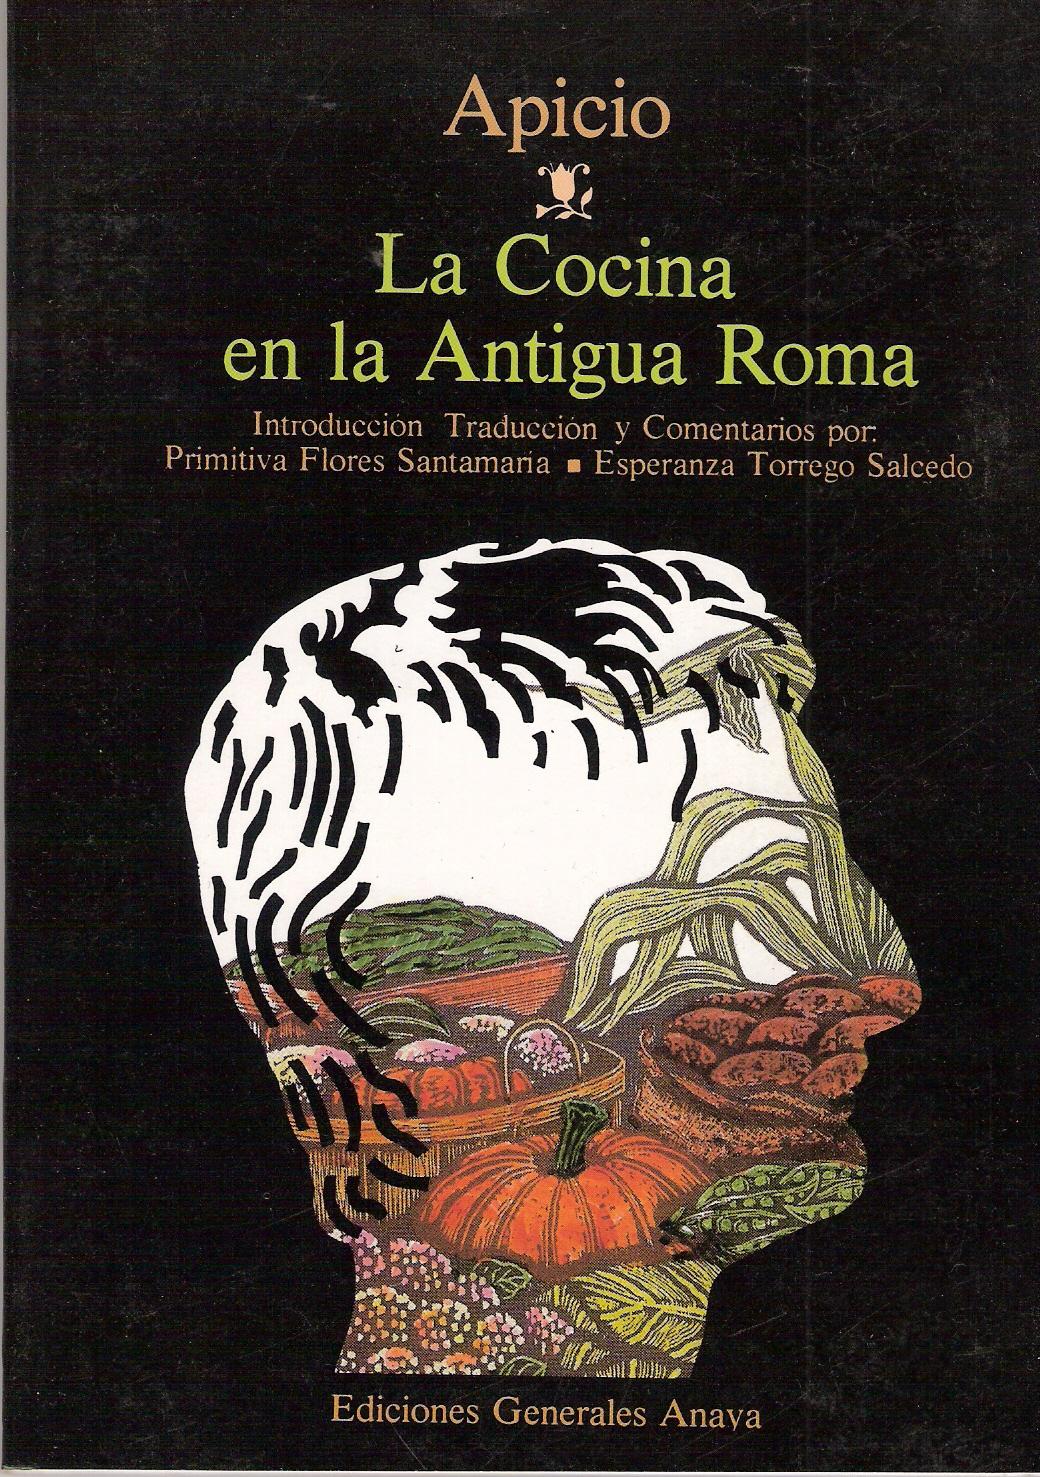 La cocina en la antigua Roma